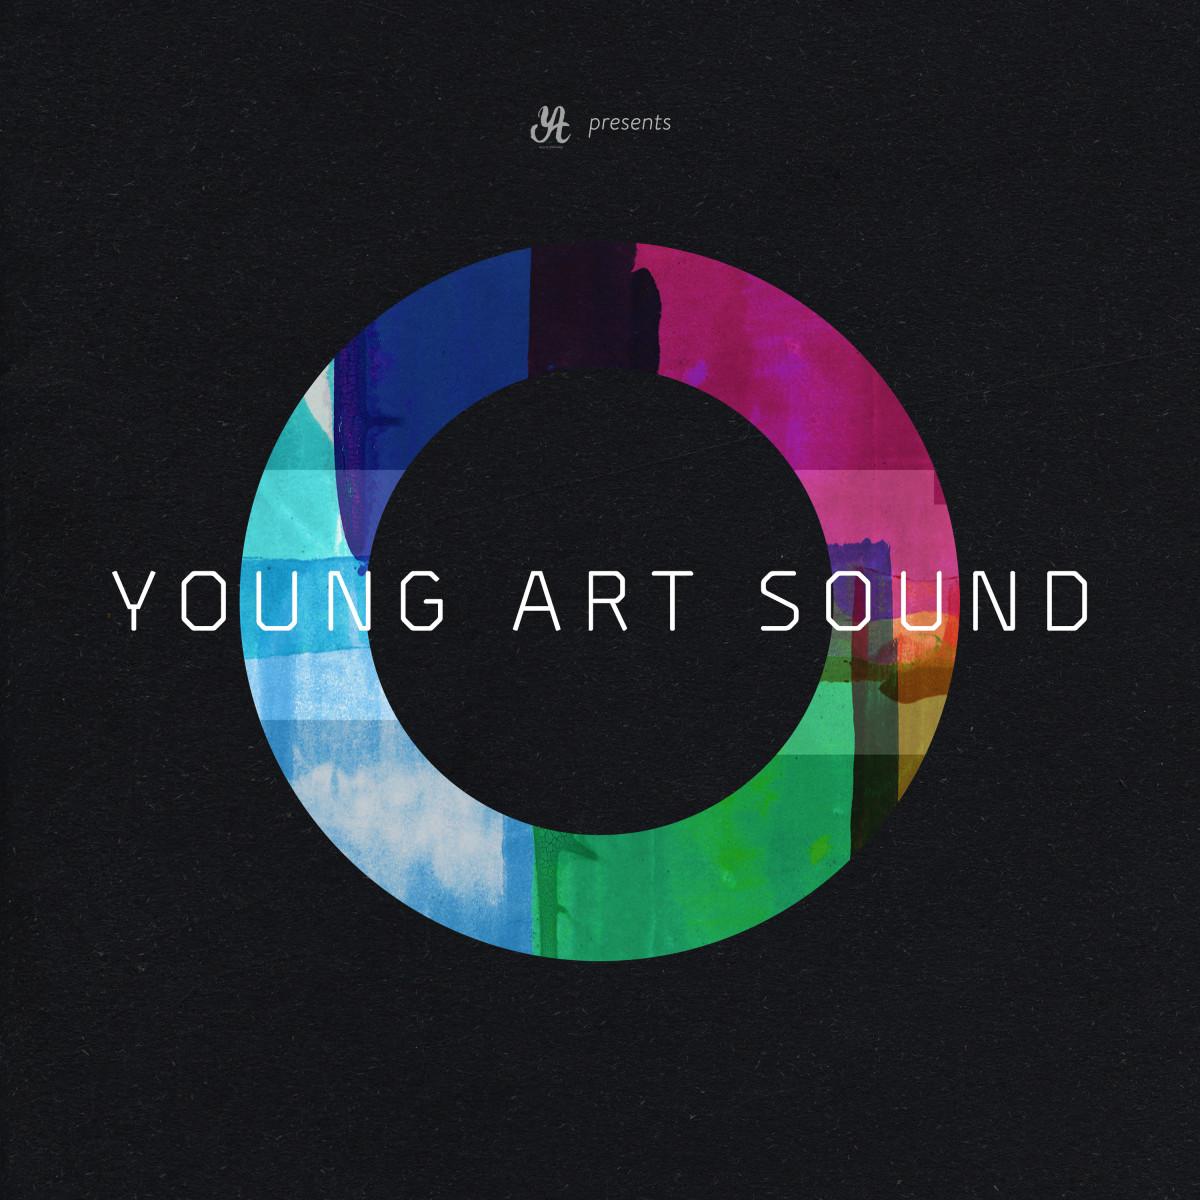 YoungArtSound_3000x3000